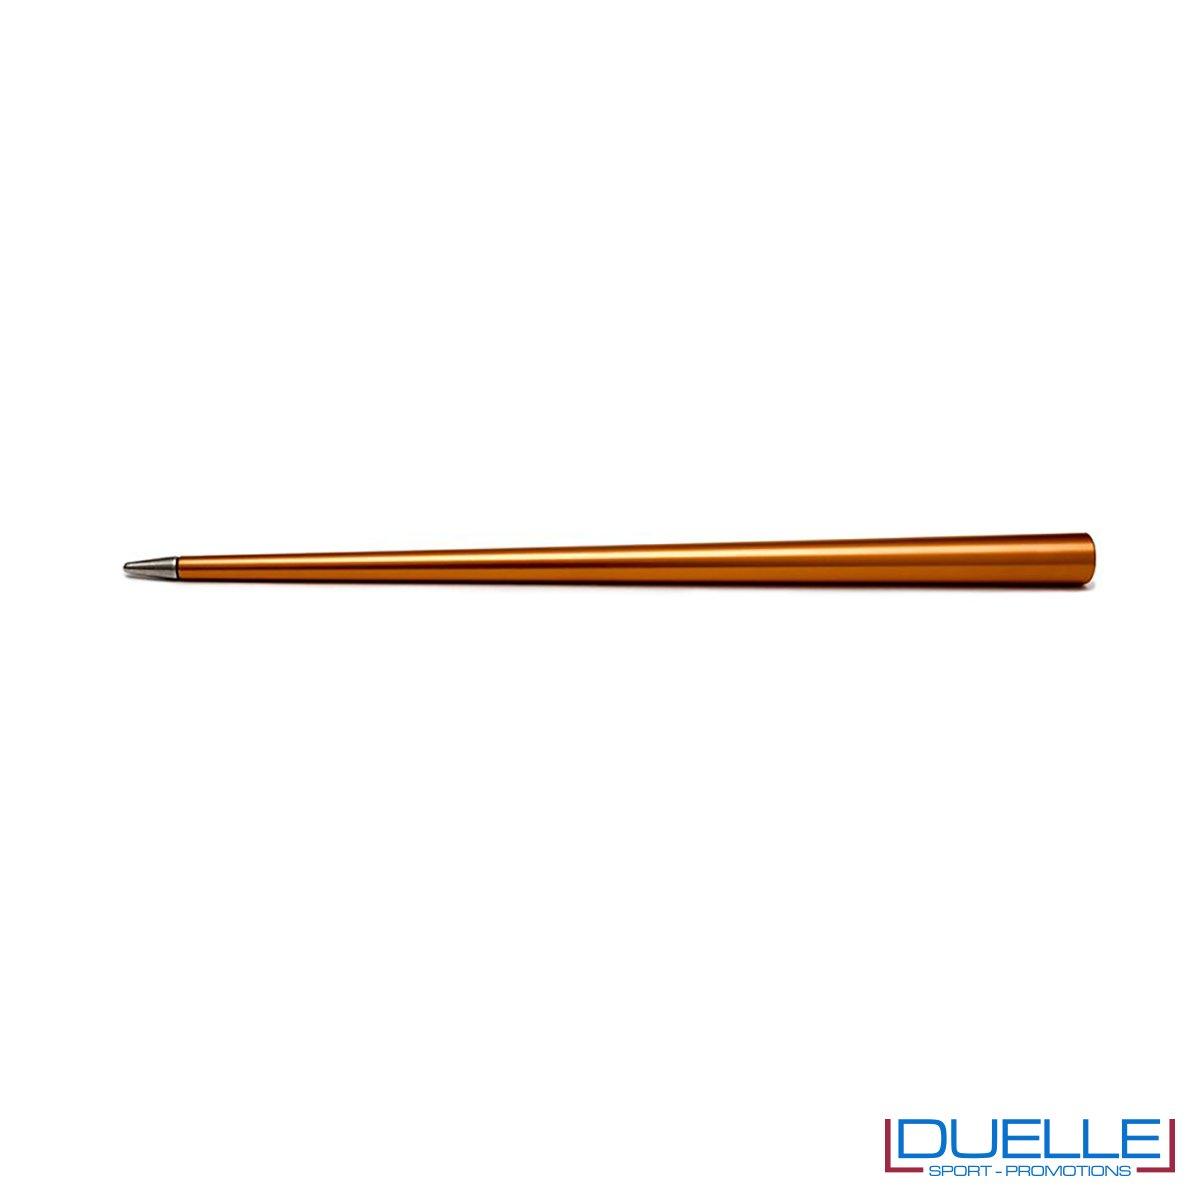 matita infinita personalizzata in colore ruggine, matita infinita 4ever promozionale in colore ruggine